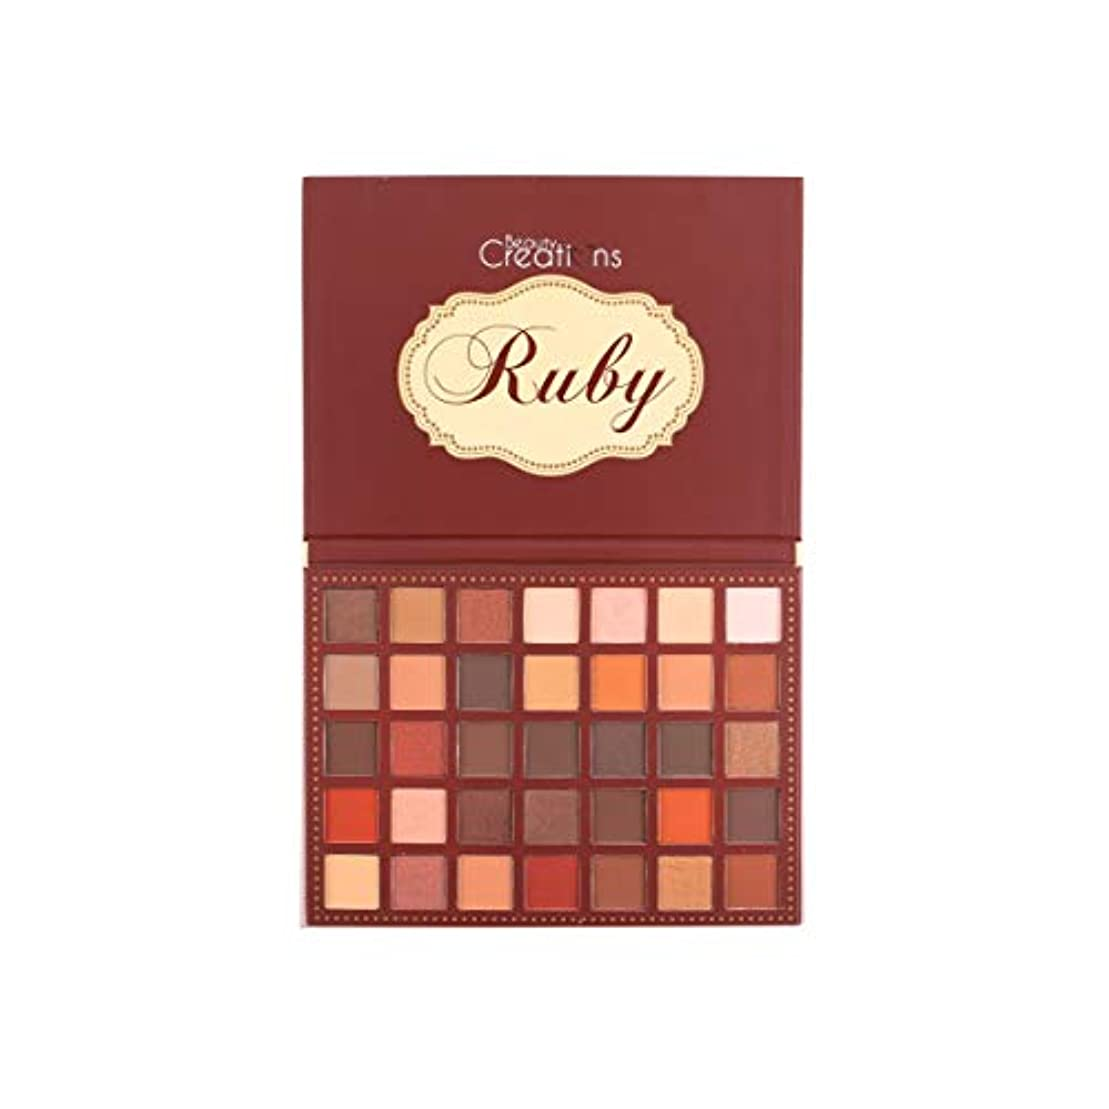 浸透する可塑性もう一度BEAUTY CREATIONS 35 Color Eyeshadow Palette - Ruby (並行輸入品)